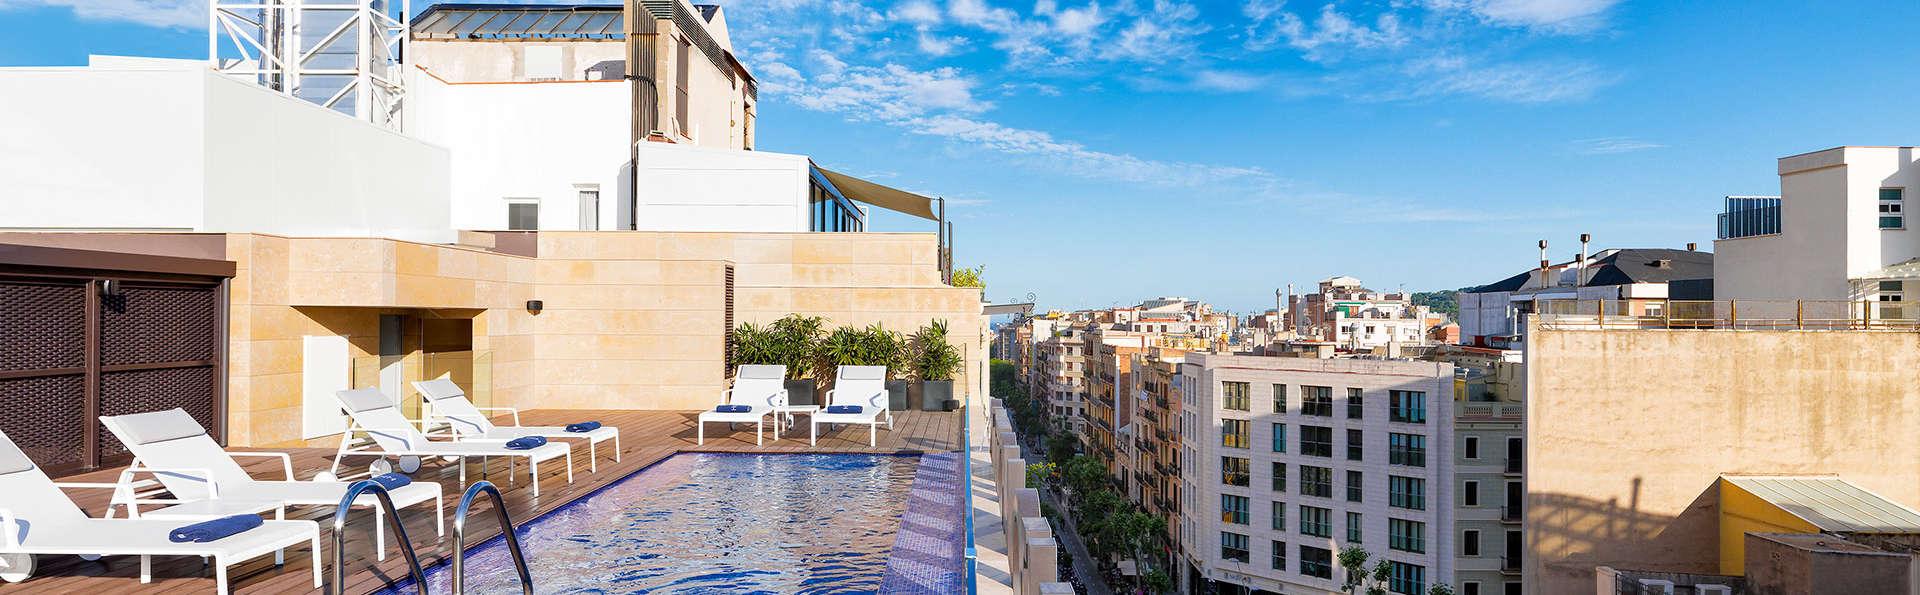 Descubre la mágica Barcelona en un hotel céntrico